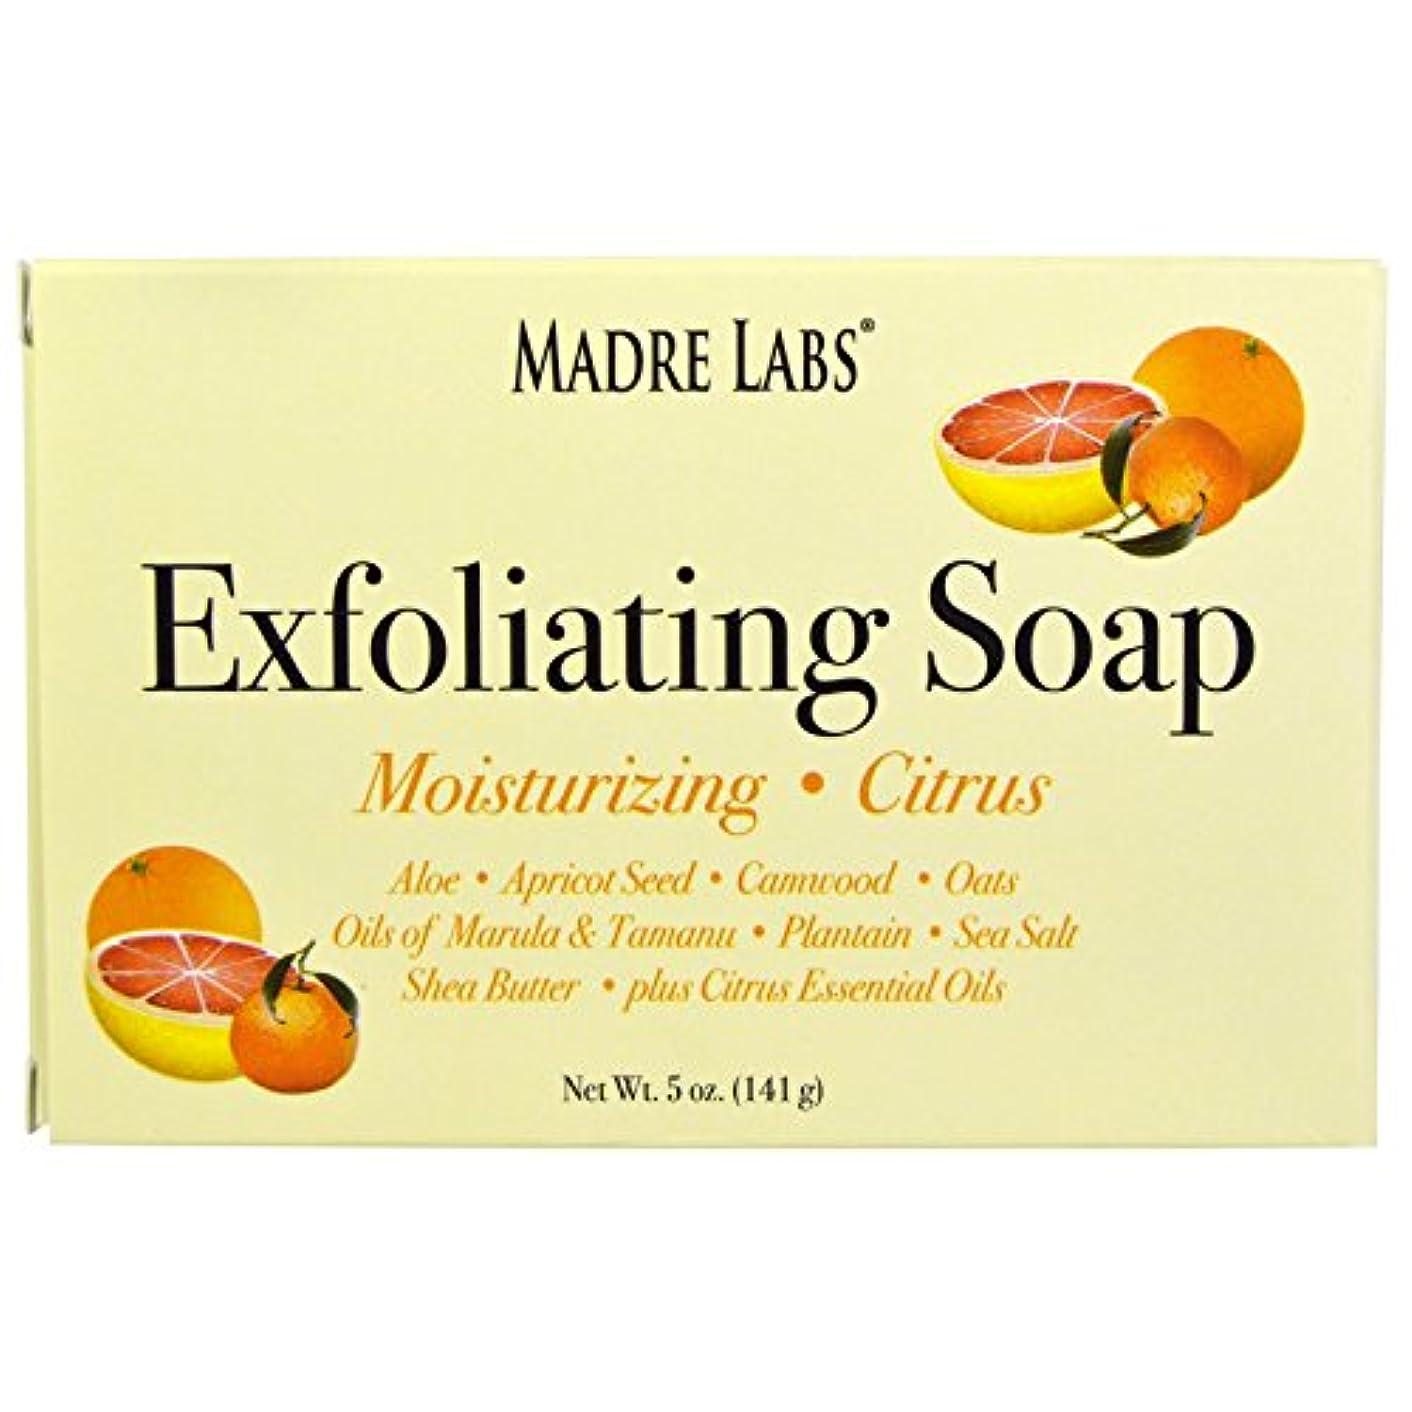 傷跡どっちでも便利さマドレラブ シアバター入り石鹸 柑橘フレーバー Madre Labs Exfoliating Soap Bar with Marula & Tamanu Oils plus Shea Butter